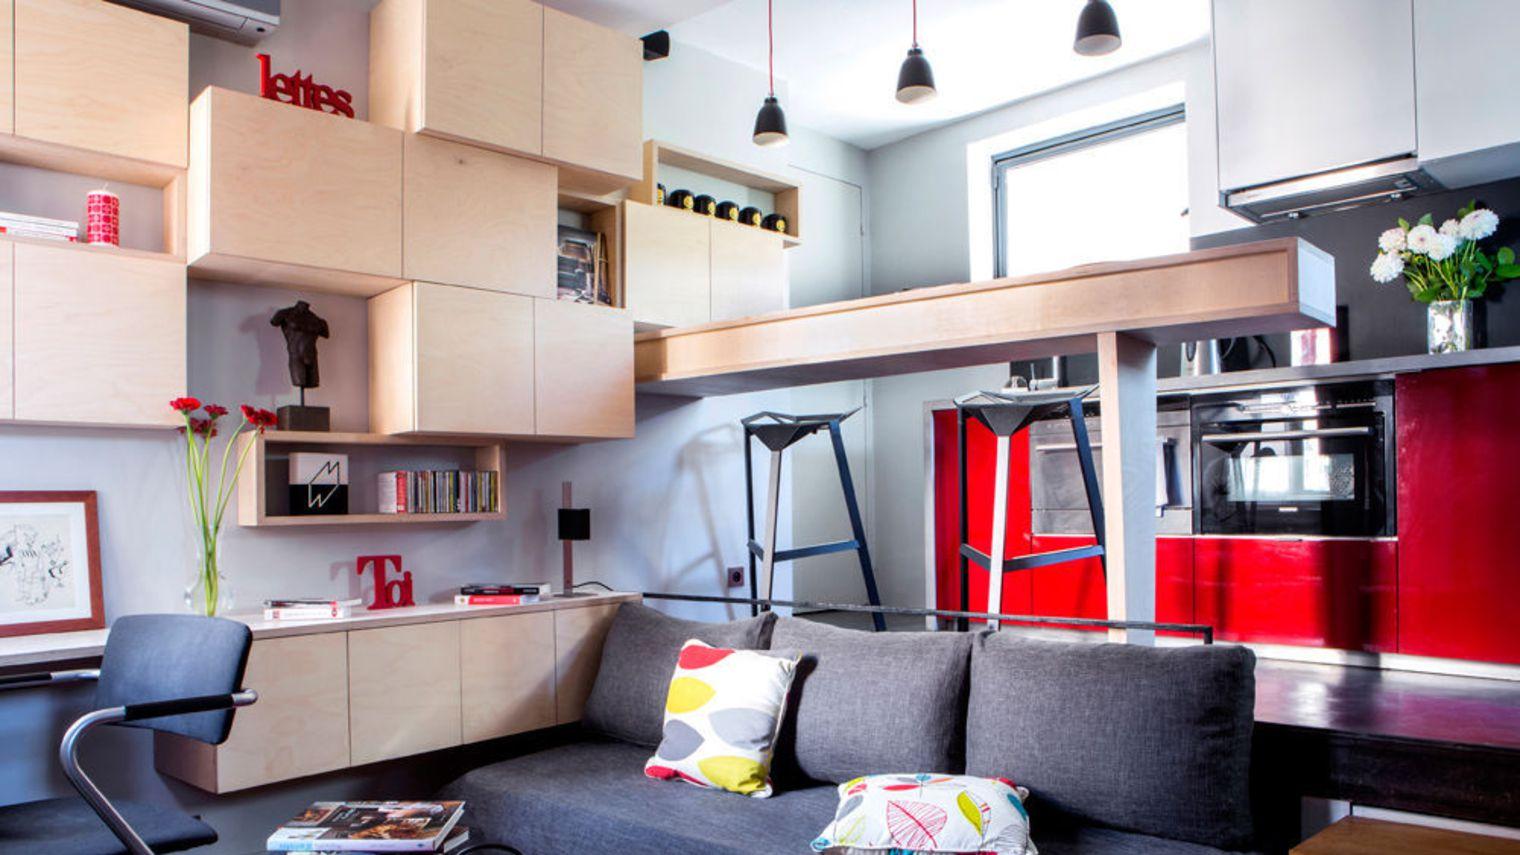 Location appartement Bordeaux : où s'installer ?